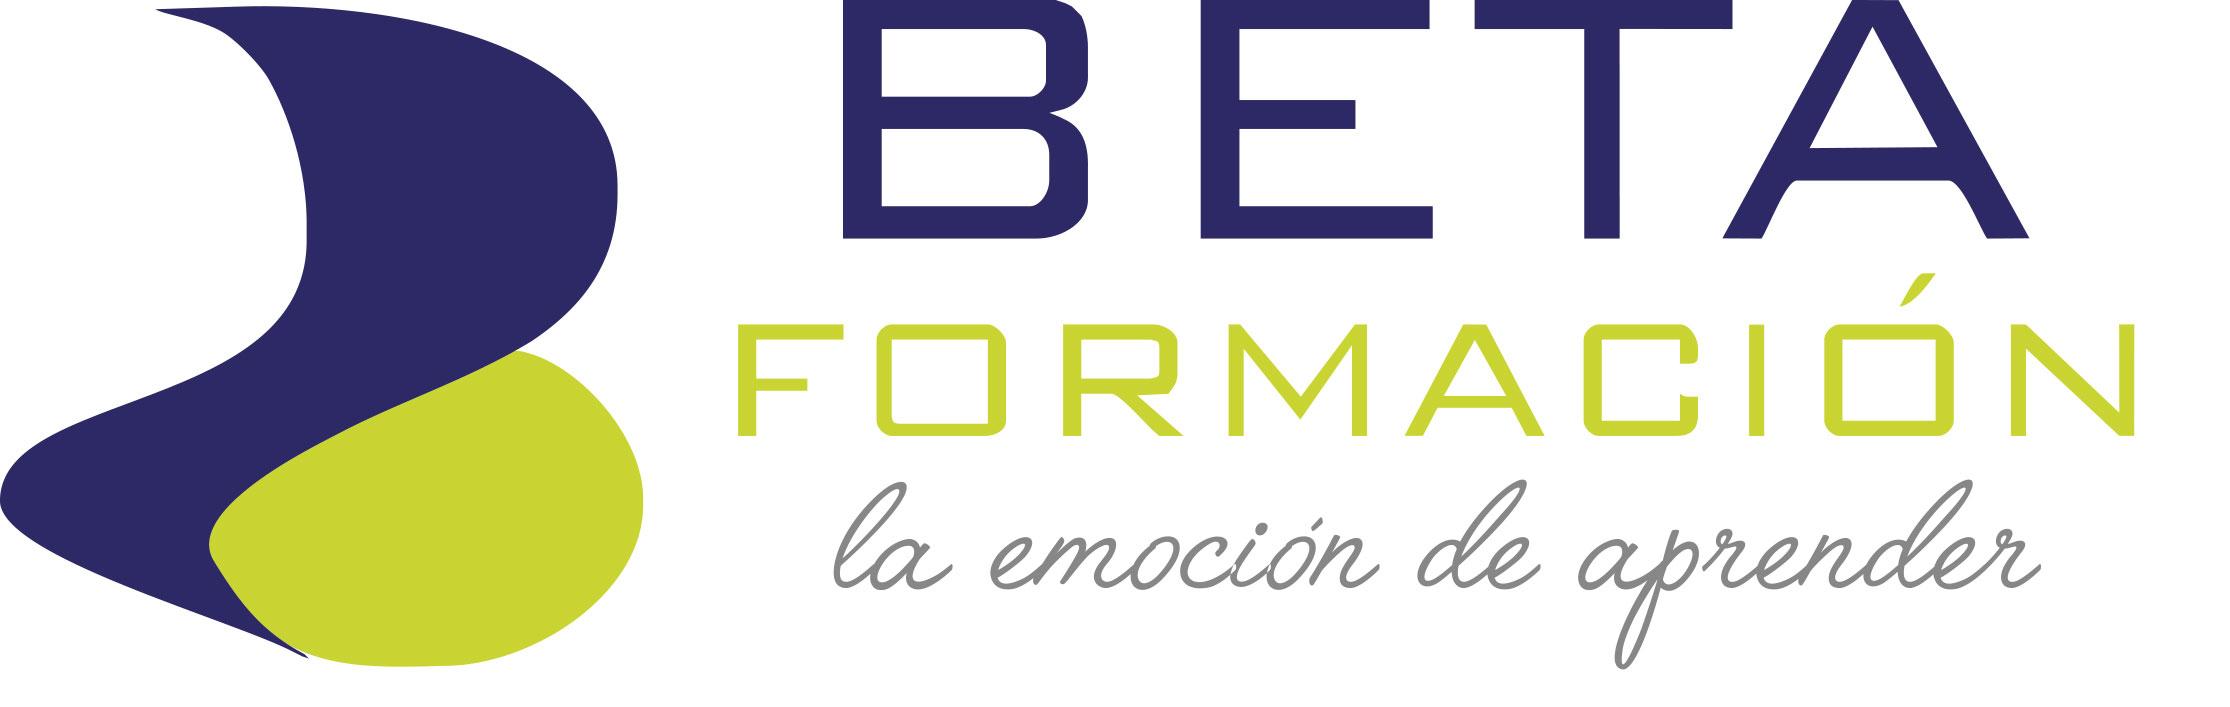 Logo BETA y acceso a su web